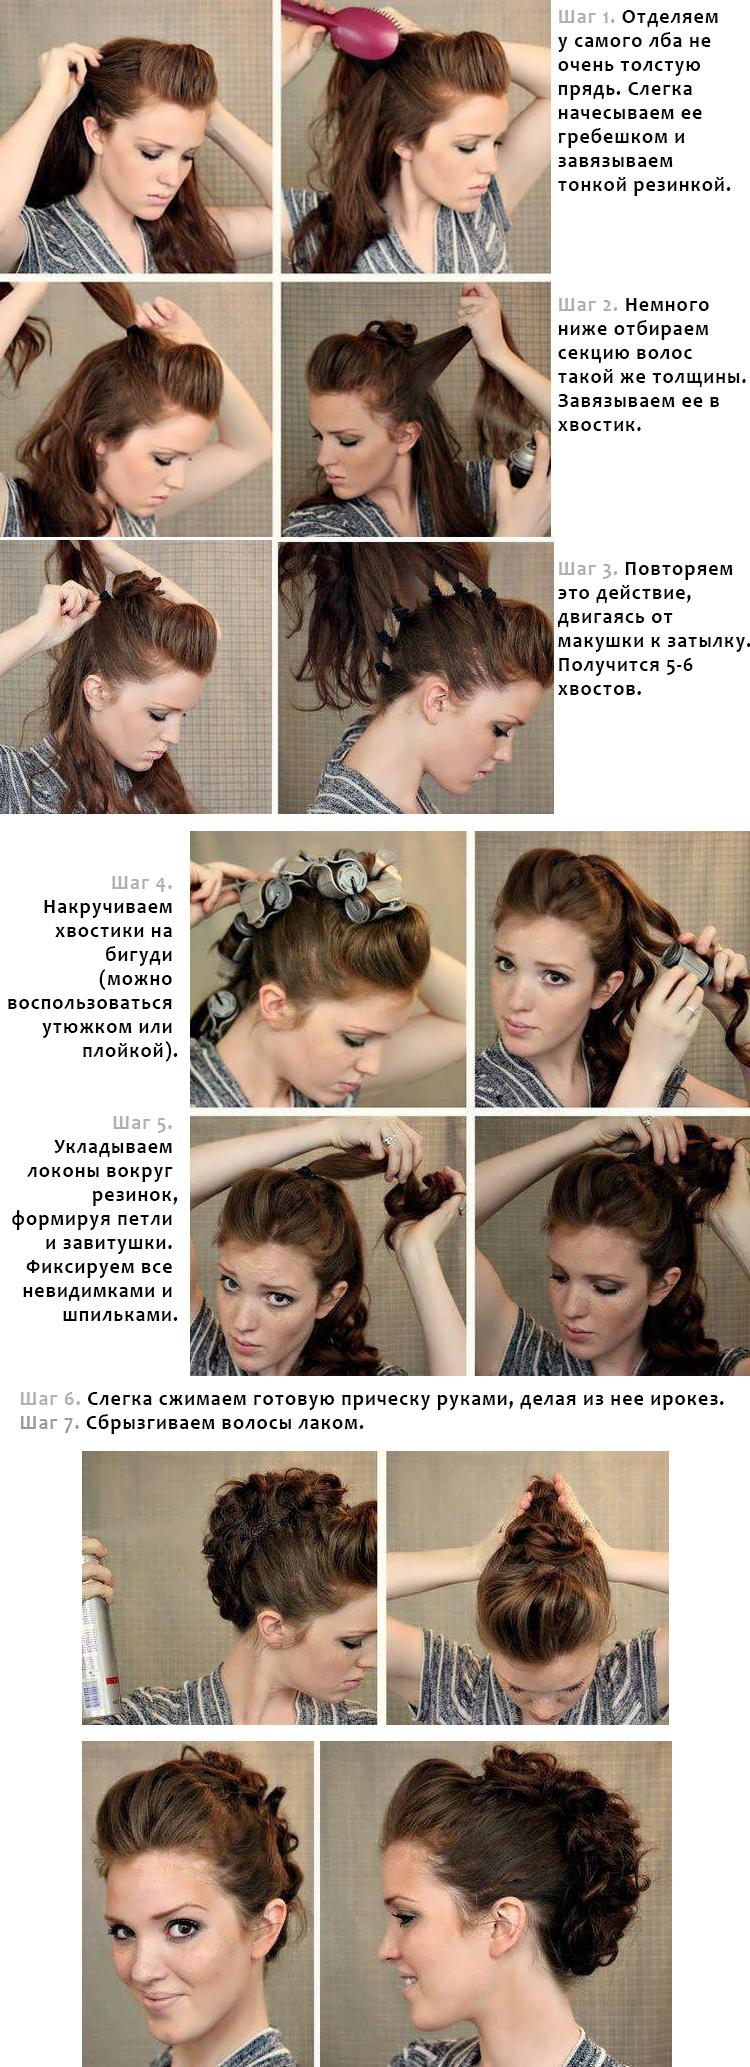 pricheski-s-pleteniem-na-dlinnye-volosy-eto-ne-slozhno2019-02-12